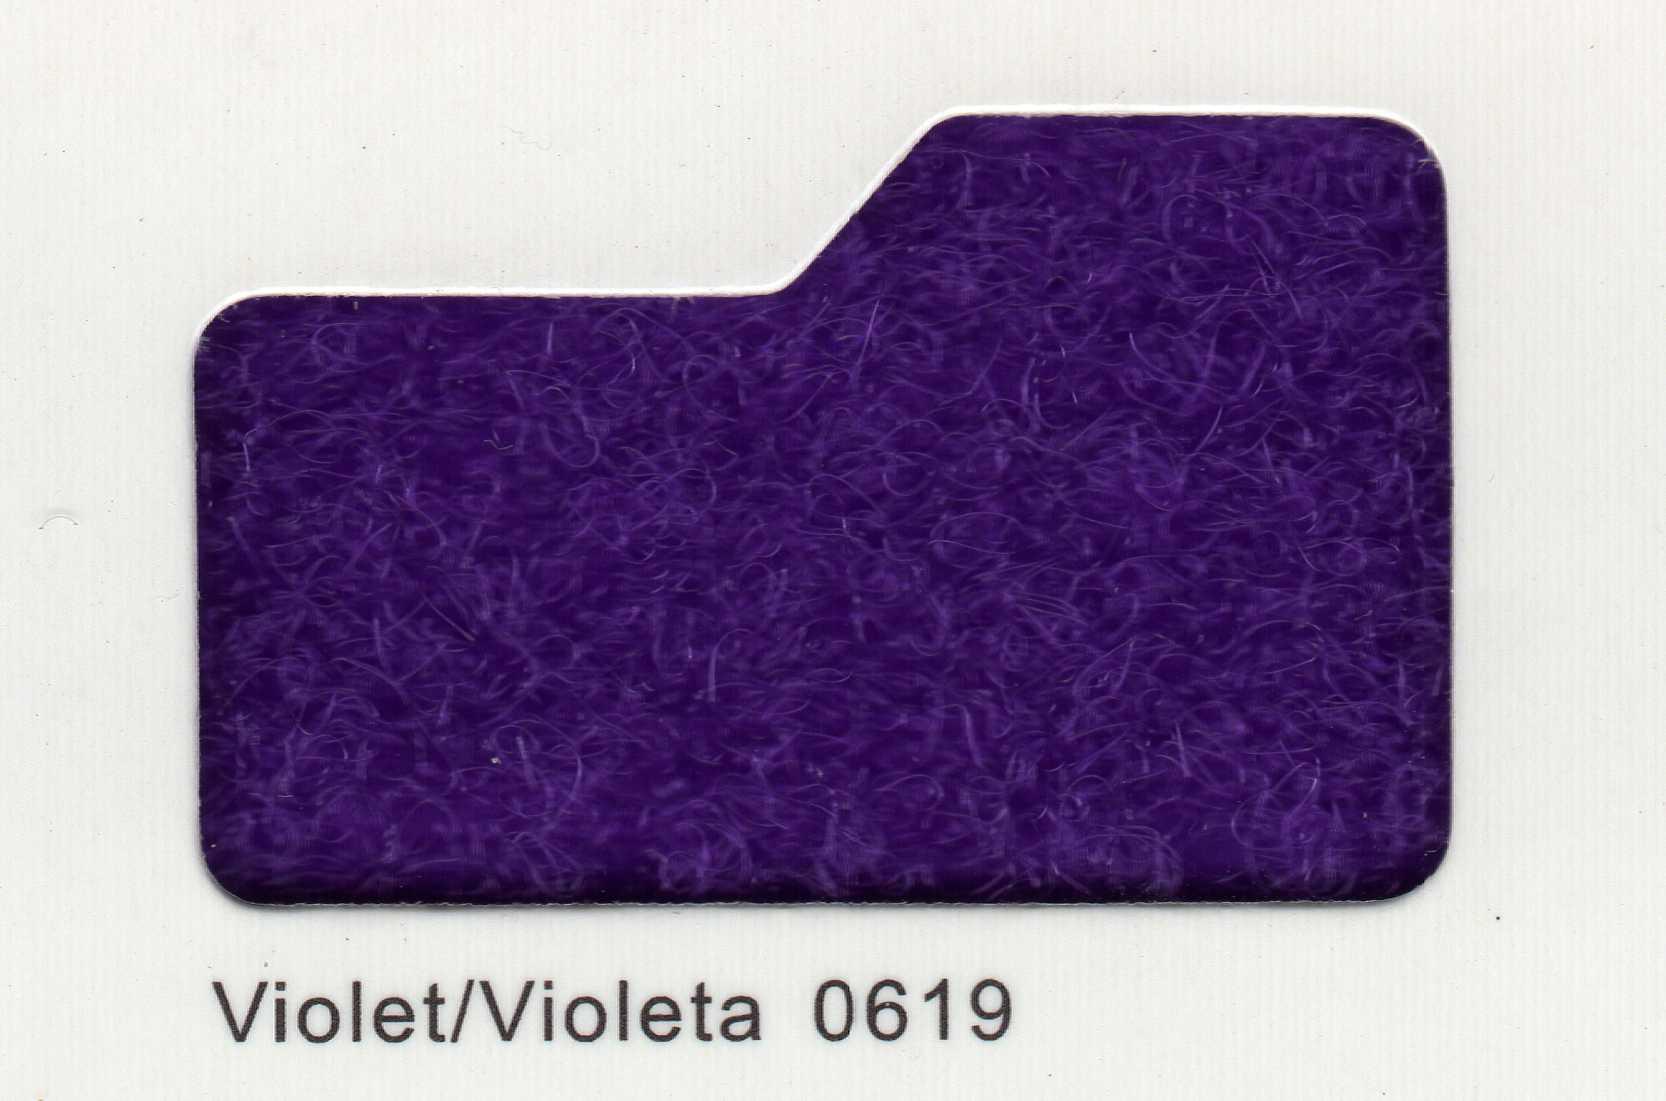 Cinta de cierre Velcro-Veraco 38mm Violeta 0619 (Rizo).